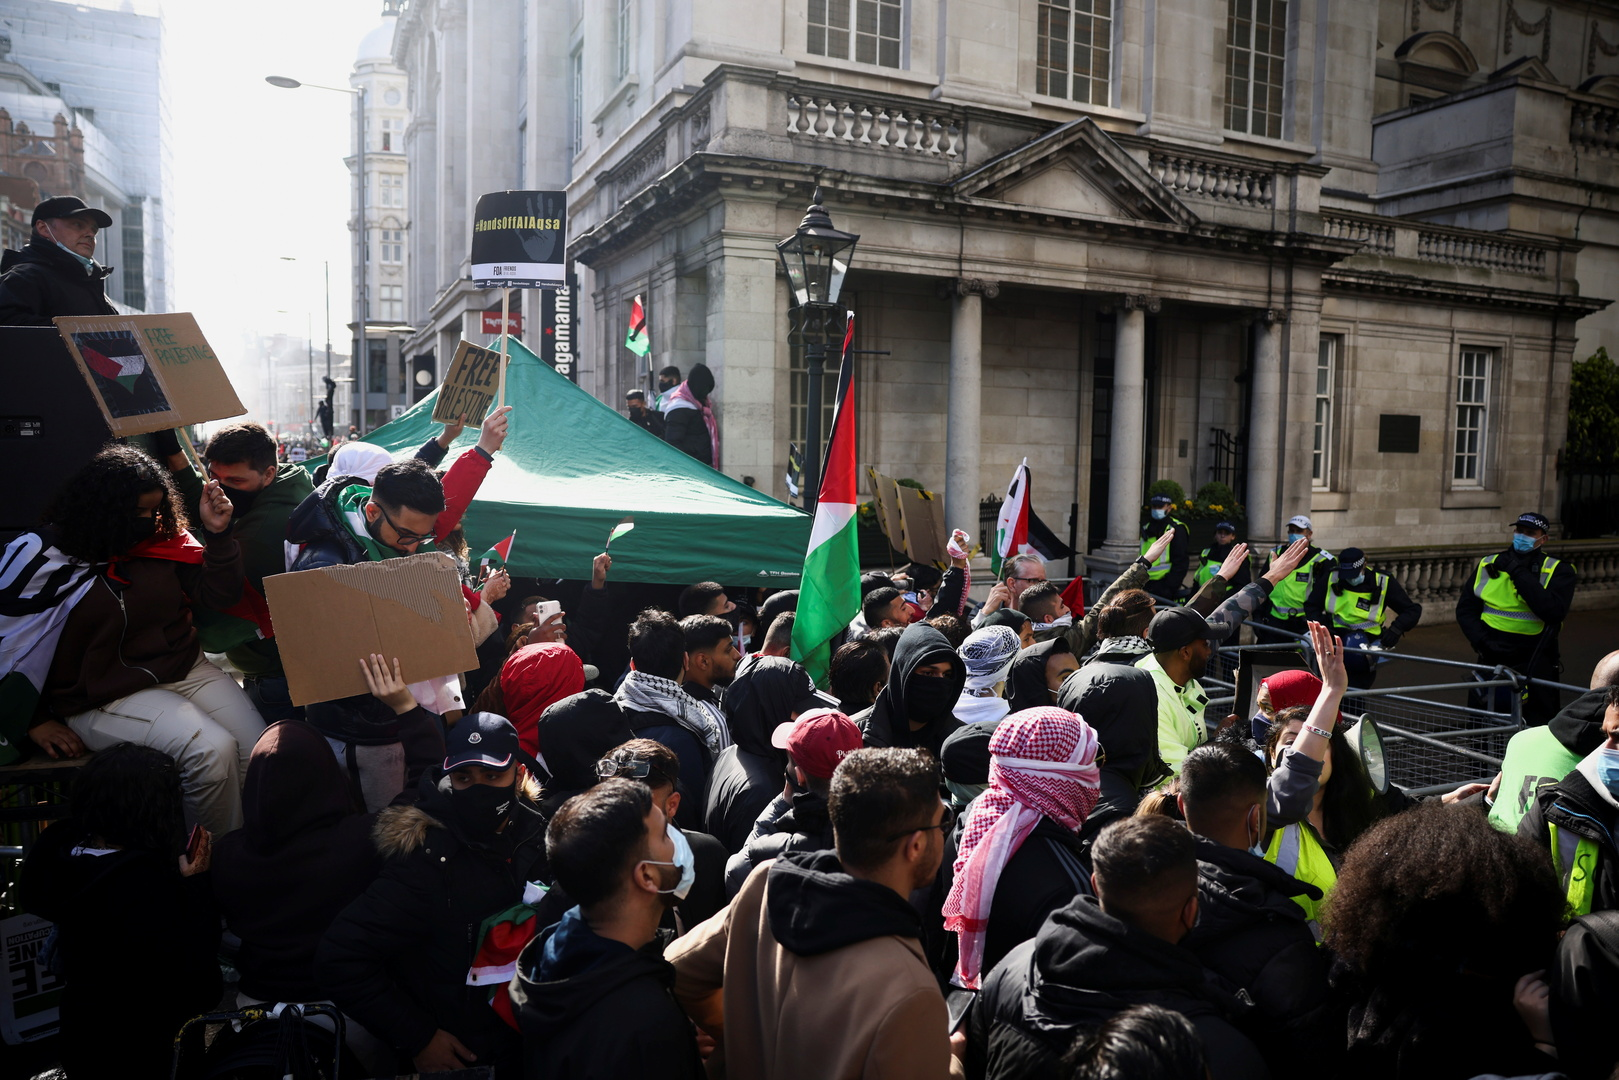 شرطة لندن تلقي القبض على 4 أشخاص بسبب